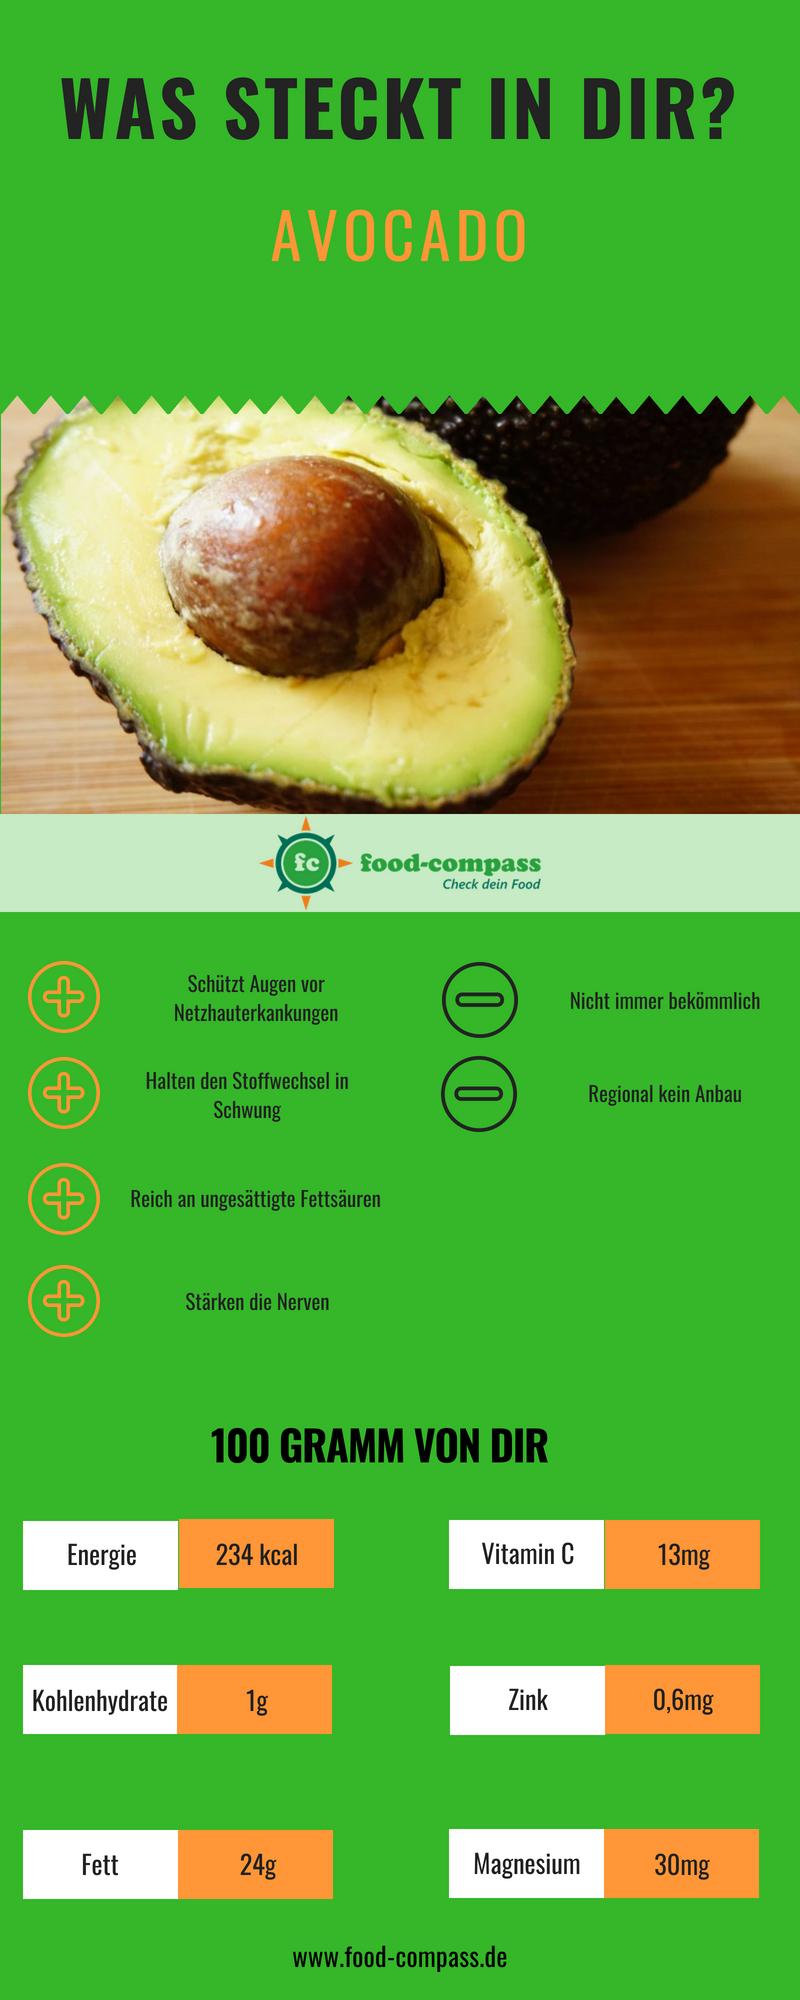 Avocado und deren Nährstoffe